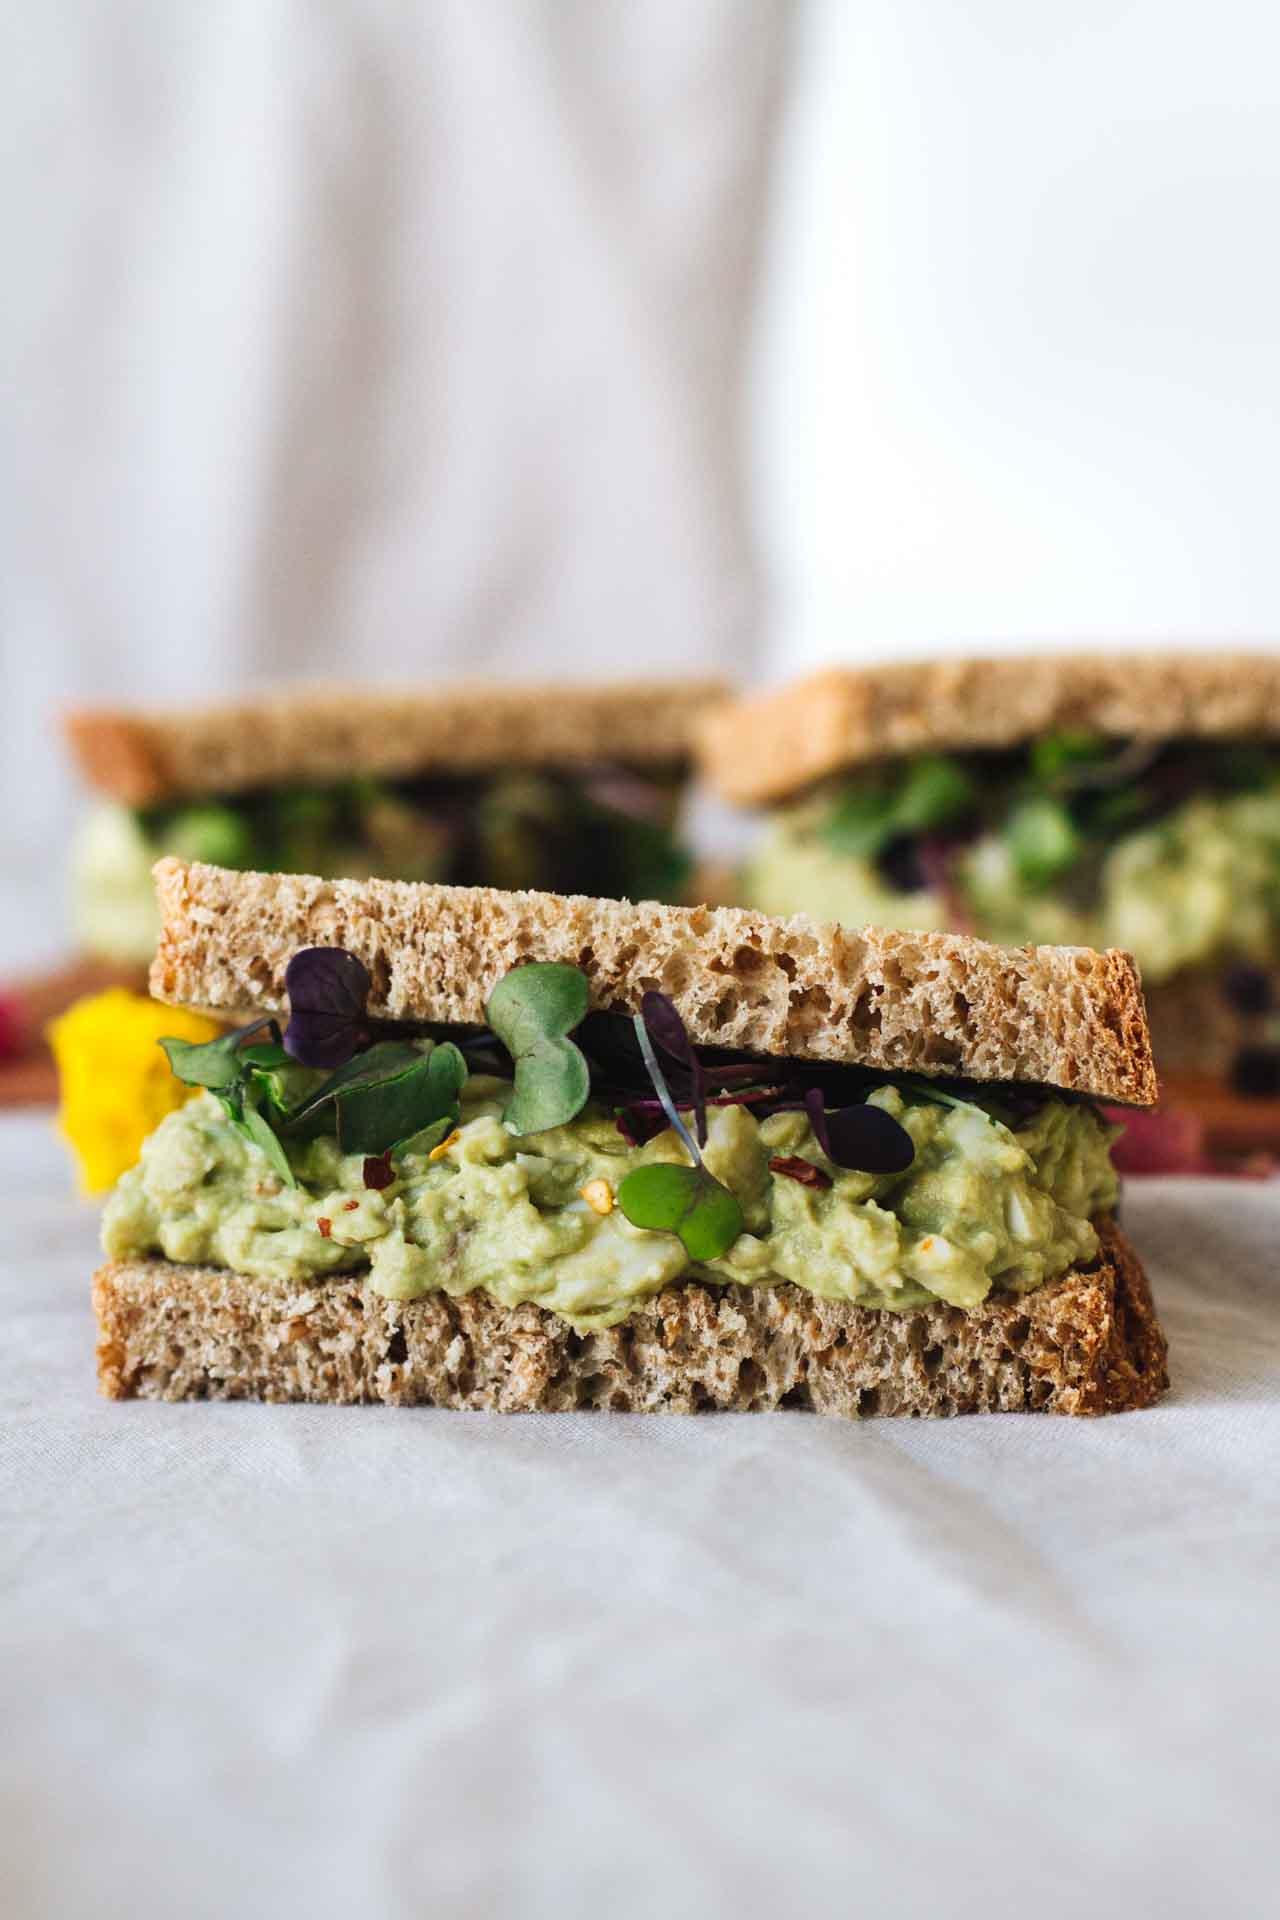 Avocado Egg Salad Sandwiches